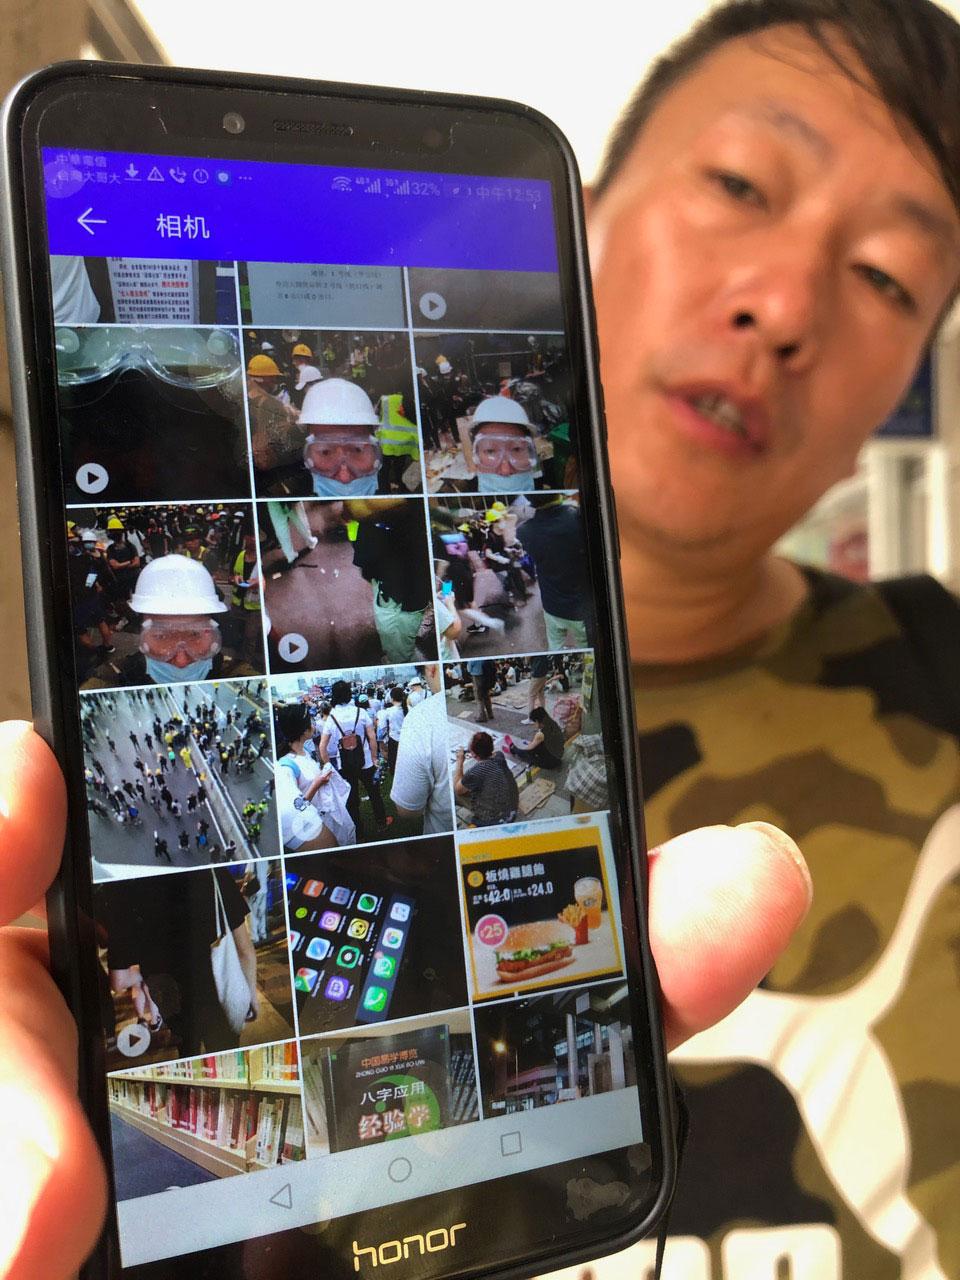 张文出示他手机里存有部份参与香港反送中的照片和视频。(记者夏小华摄)